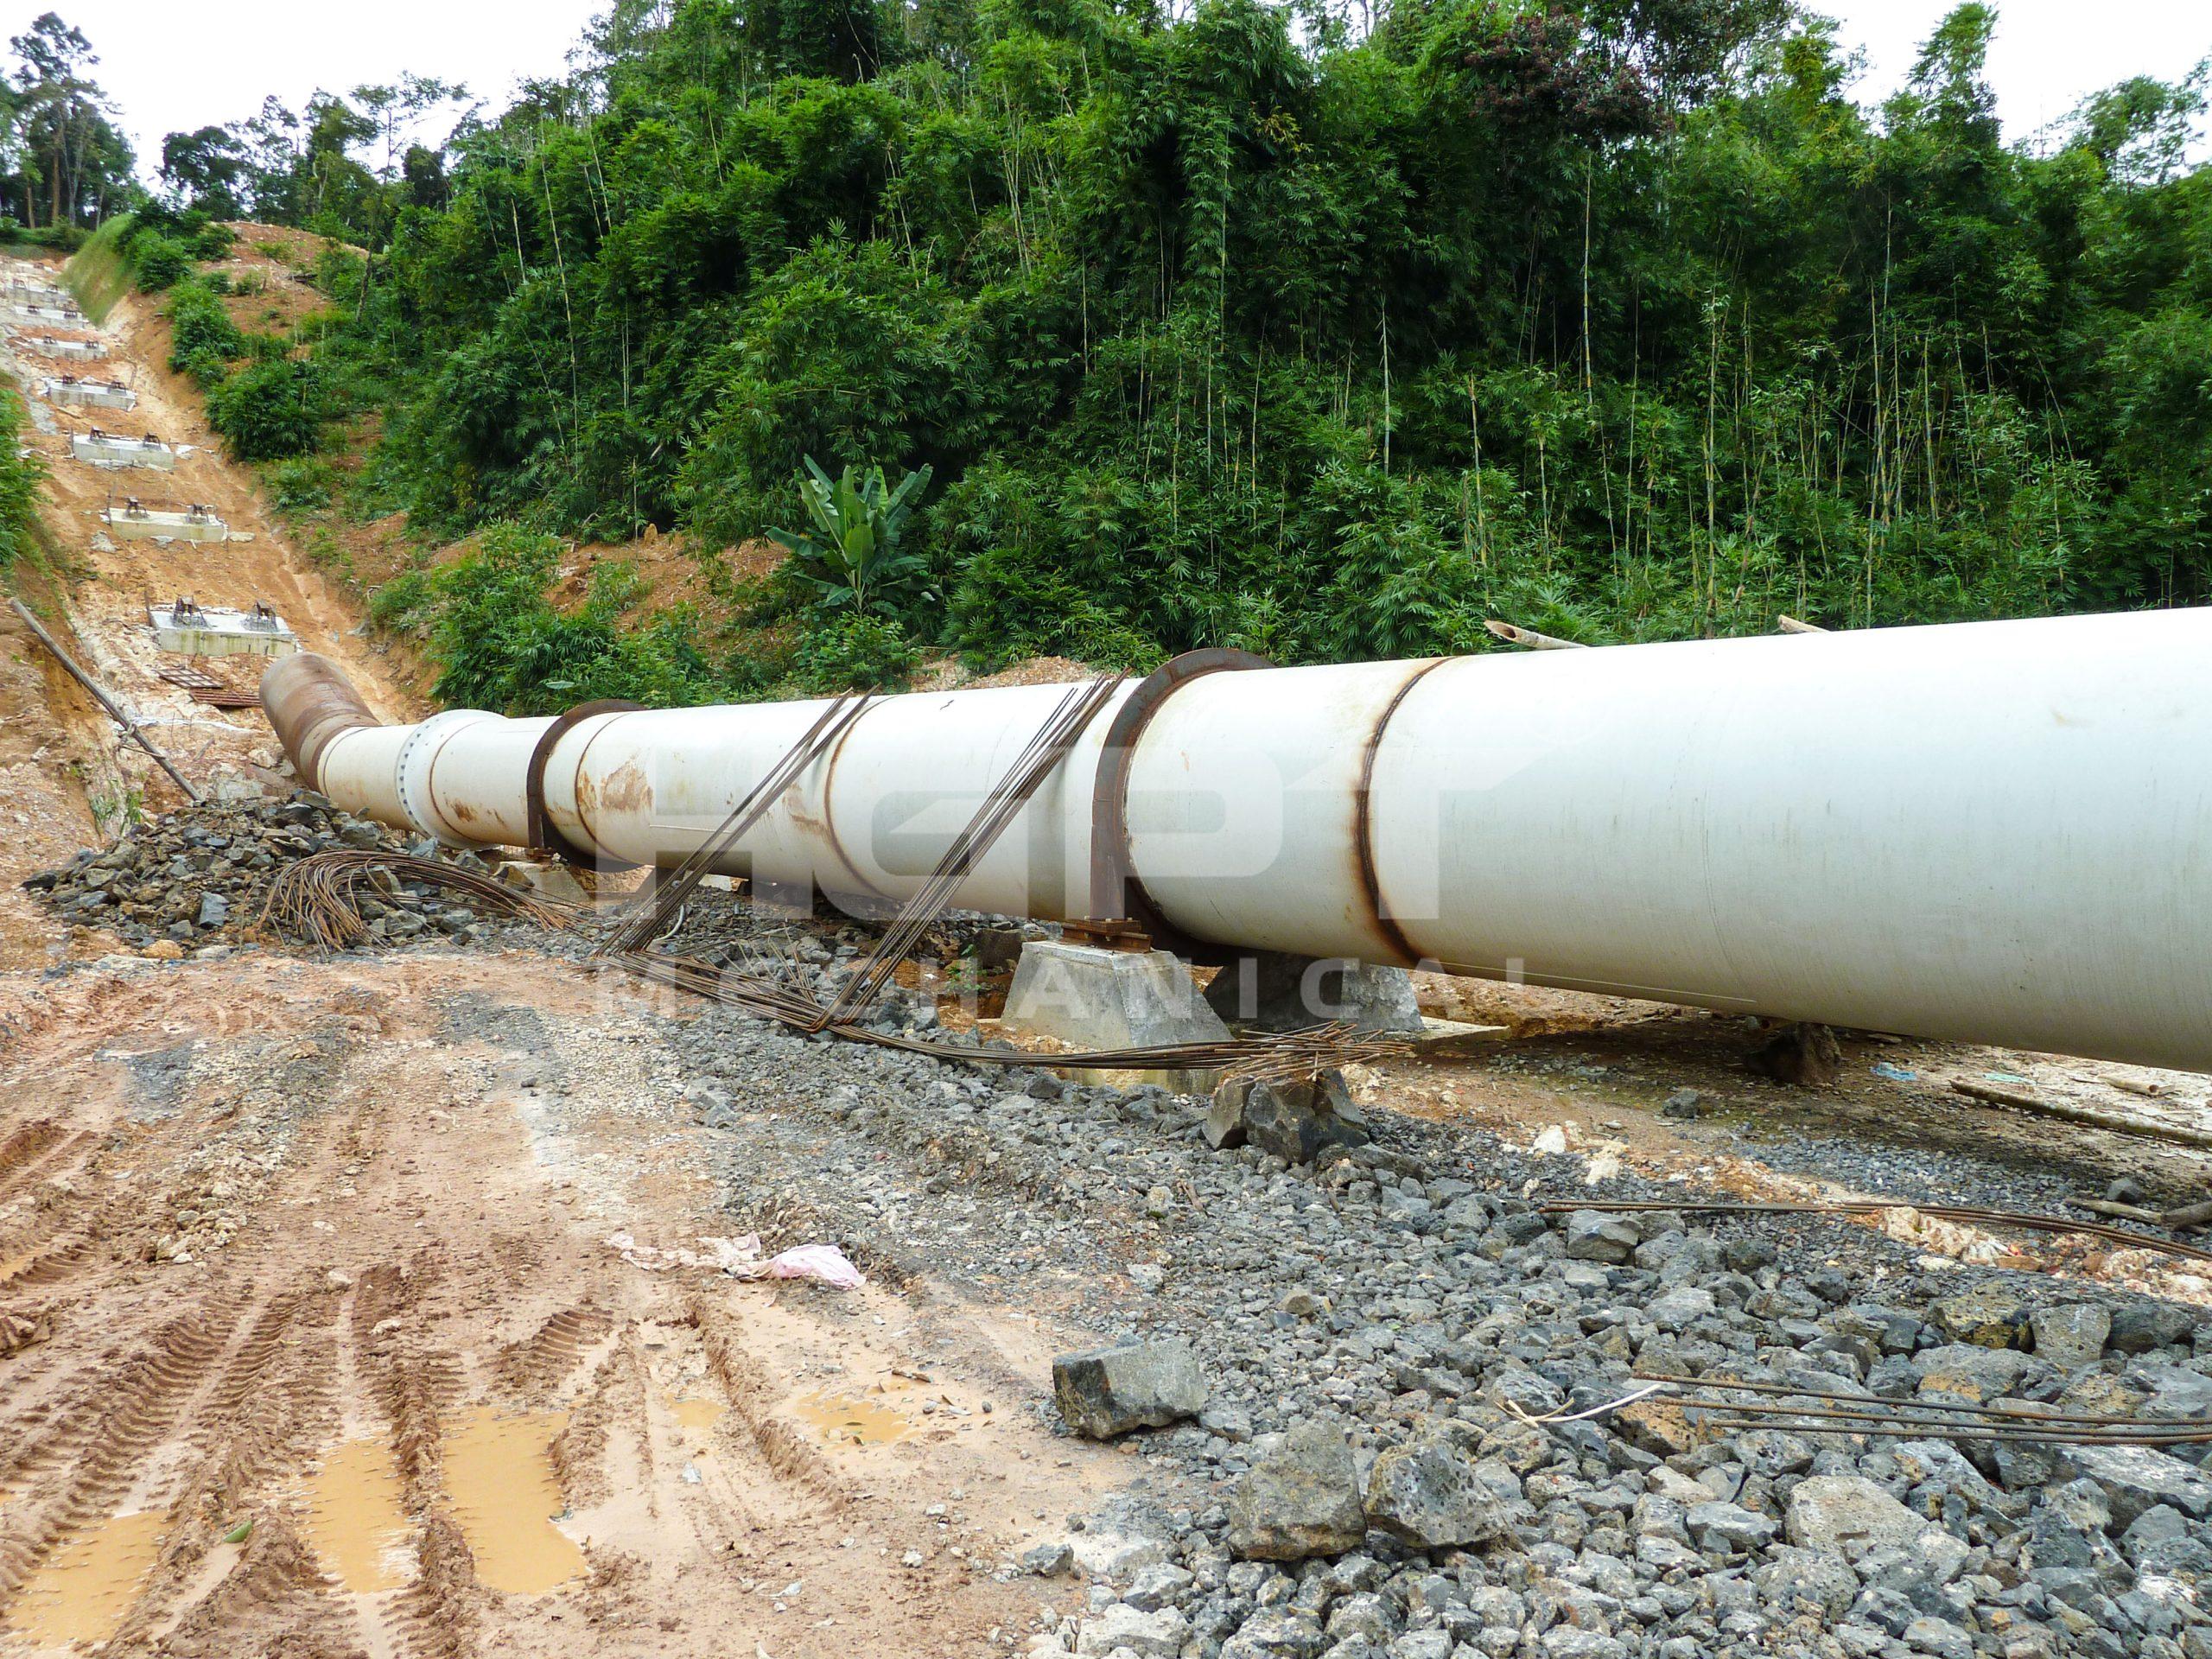 Chế tạo và lắp đặt đường ống áp lực – Dự án thuỷ điện Đăk N'Teng